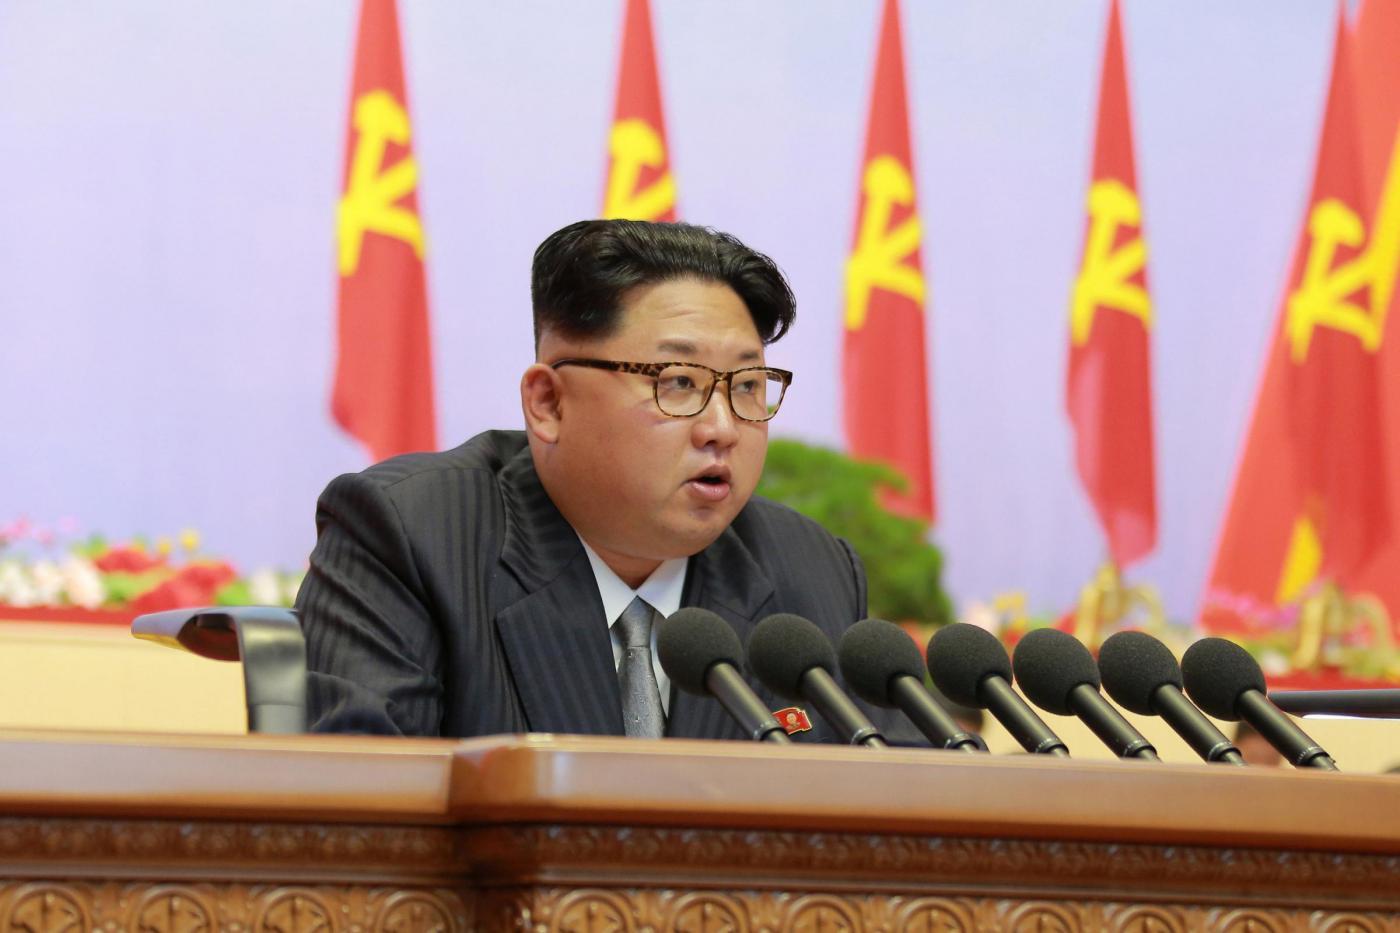 Corea del Nord, al Congresso del partito comunista trionfa Kim Jong-un